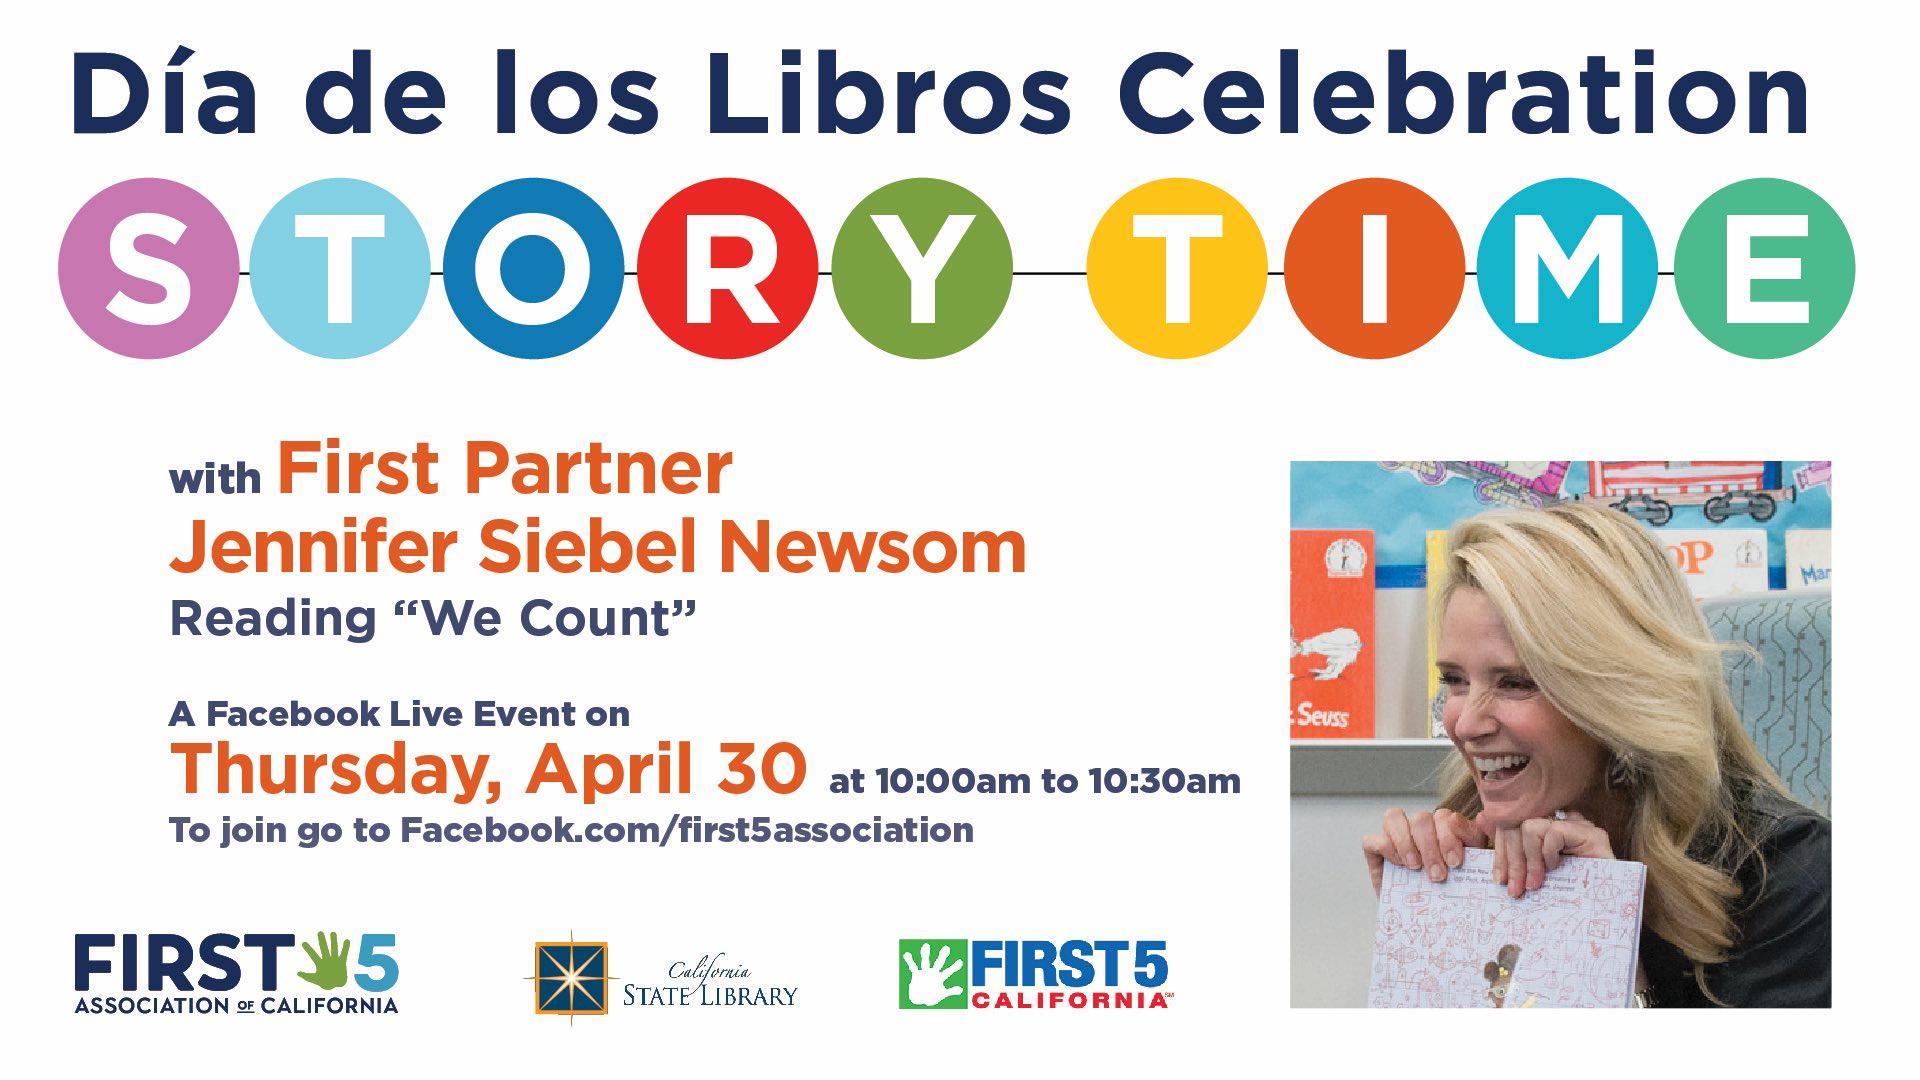 Virtual Dia de los Libros Celebration